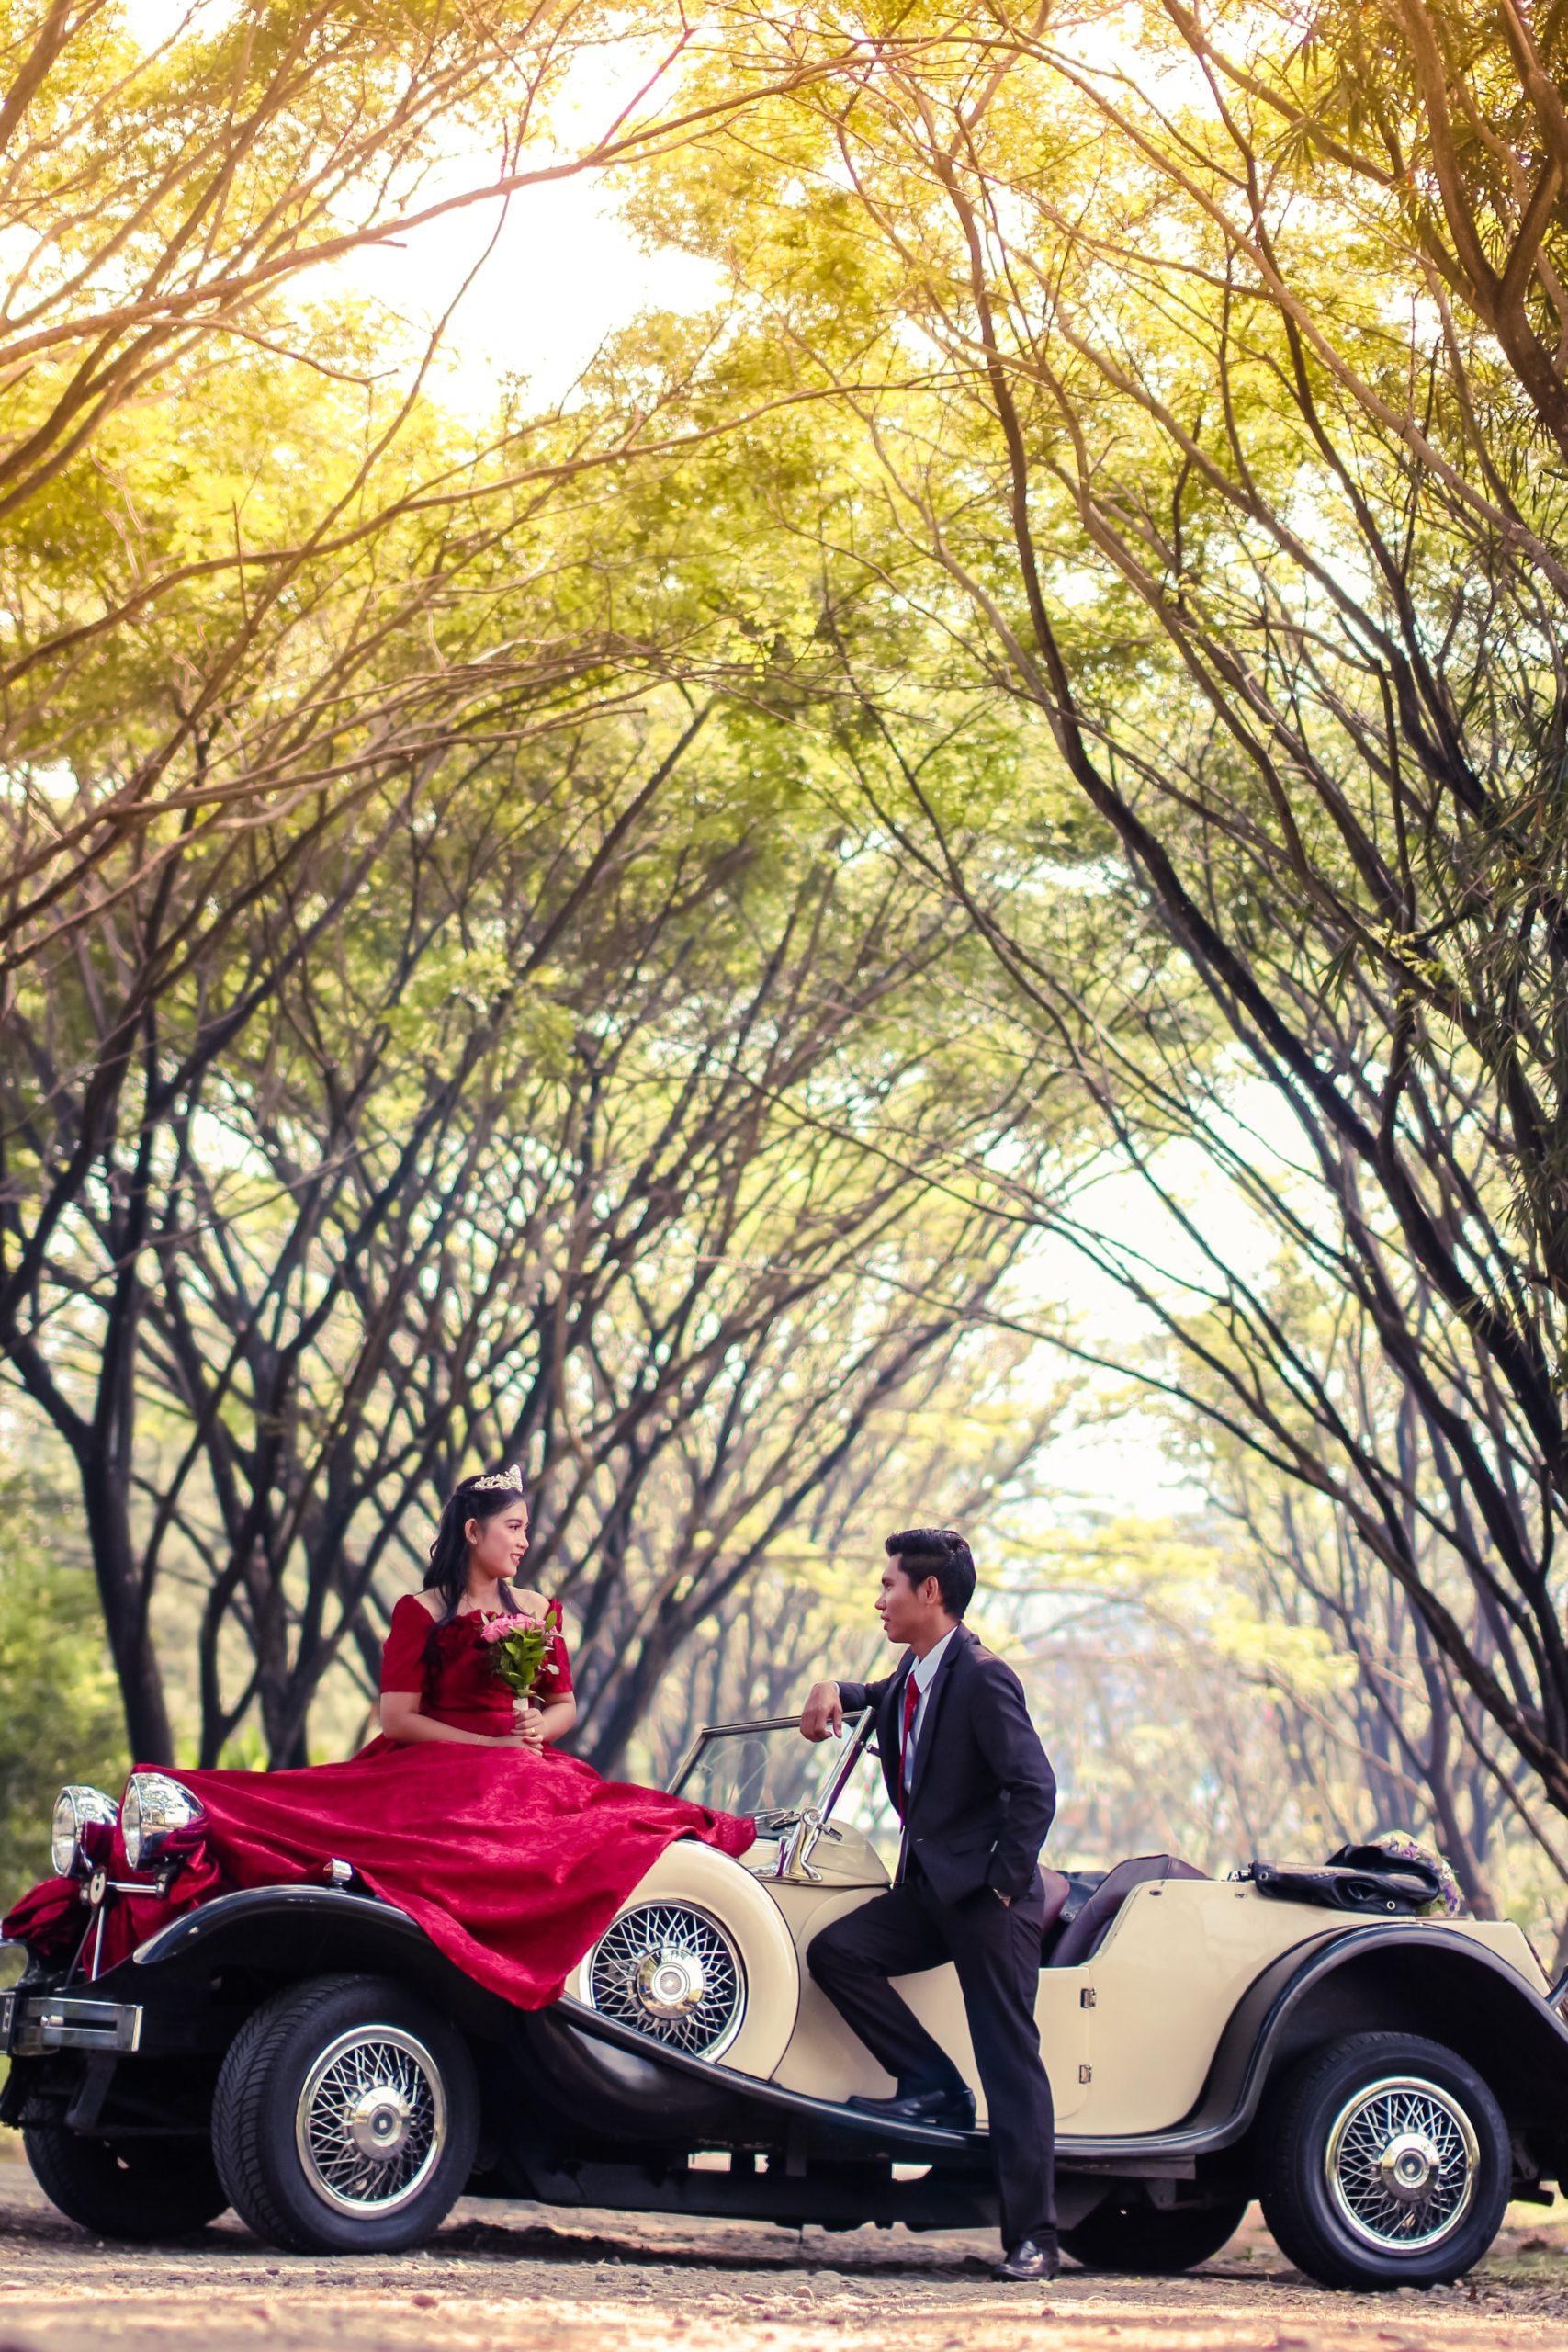 celebrant led wedding ceremony couples ceremonies with the celebrant angel